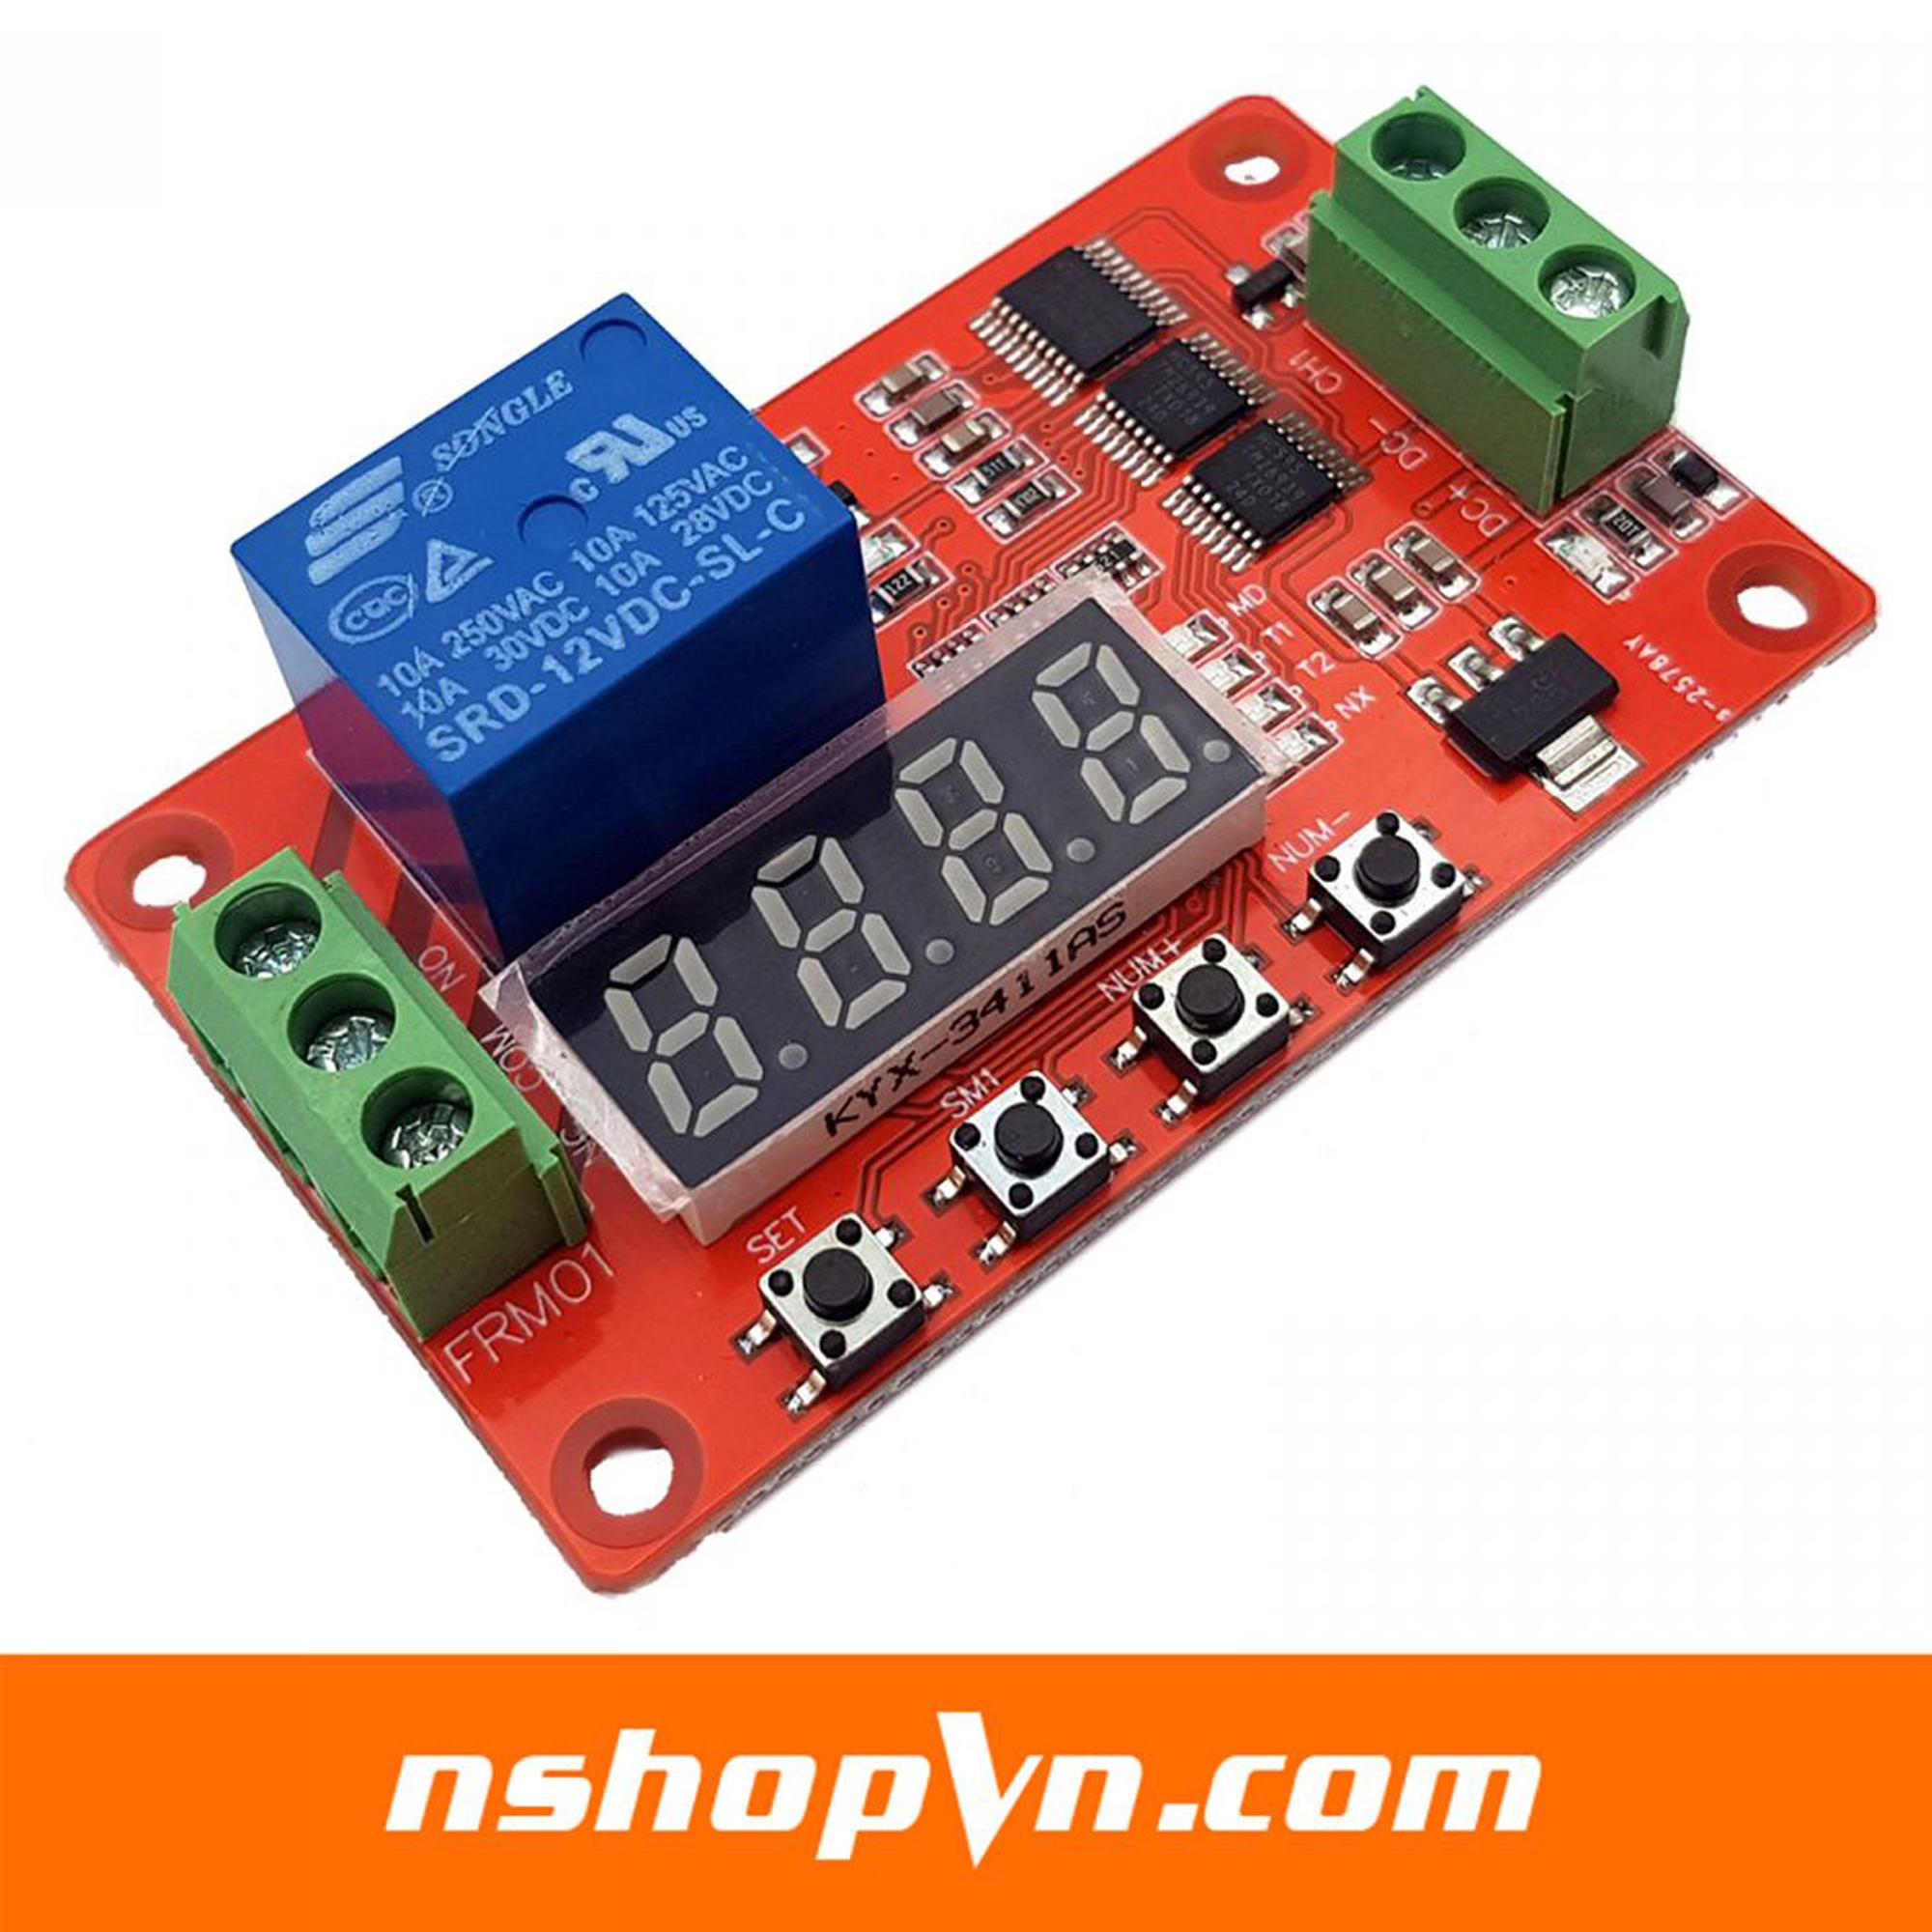 Mạch tạo trễ relay đóng ngắt theo chu kỳ FRM01 12VDC